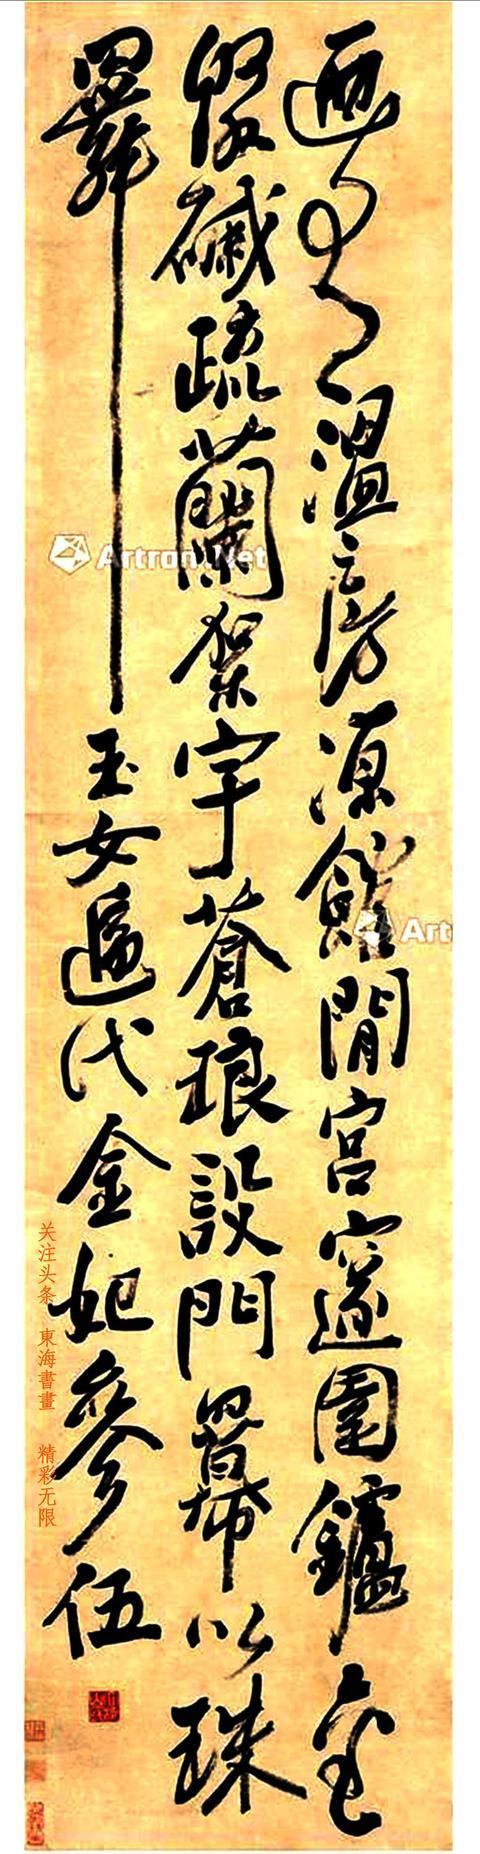 姚燮 行书 节录华山神庙赋